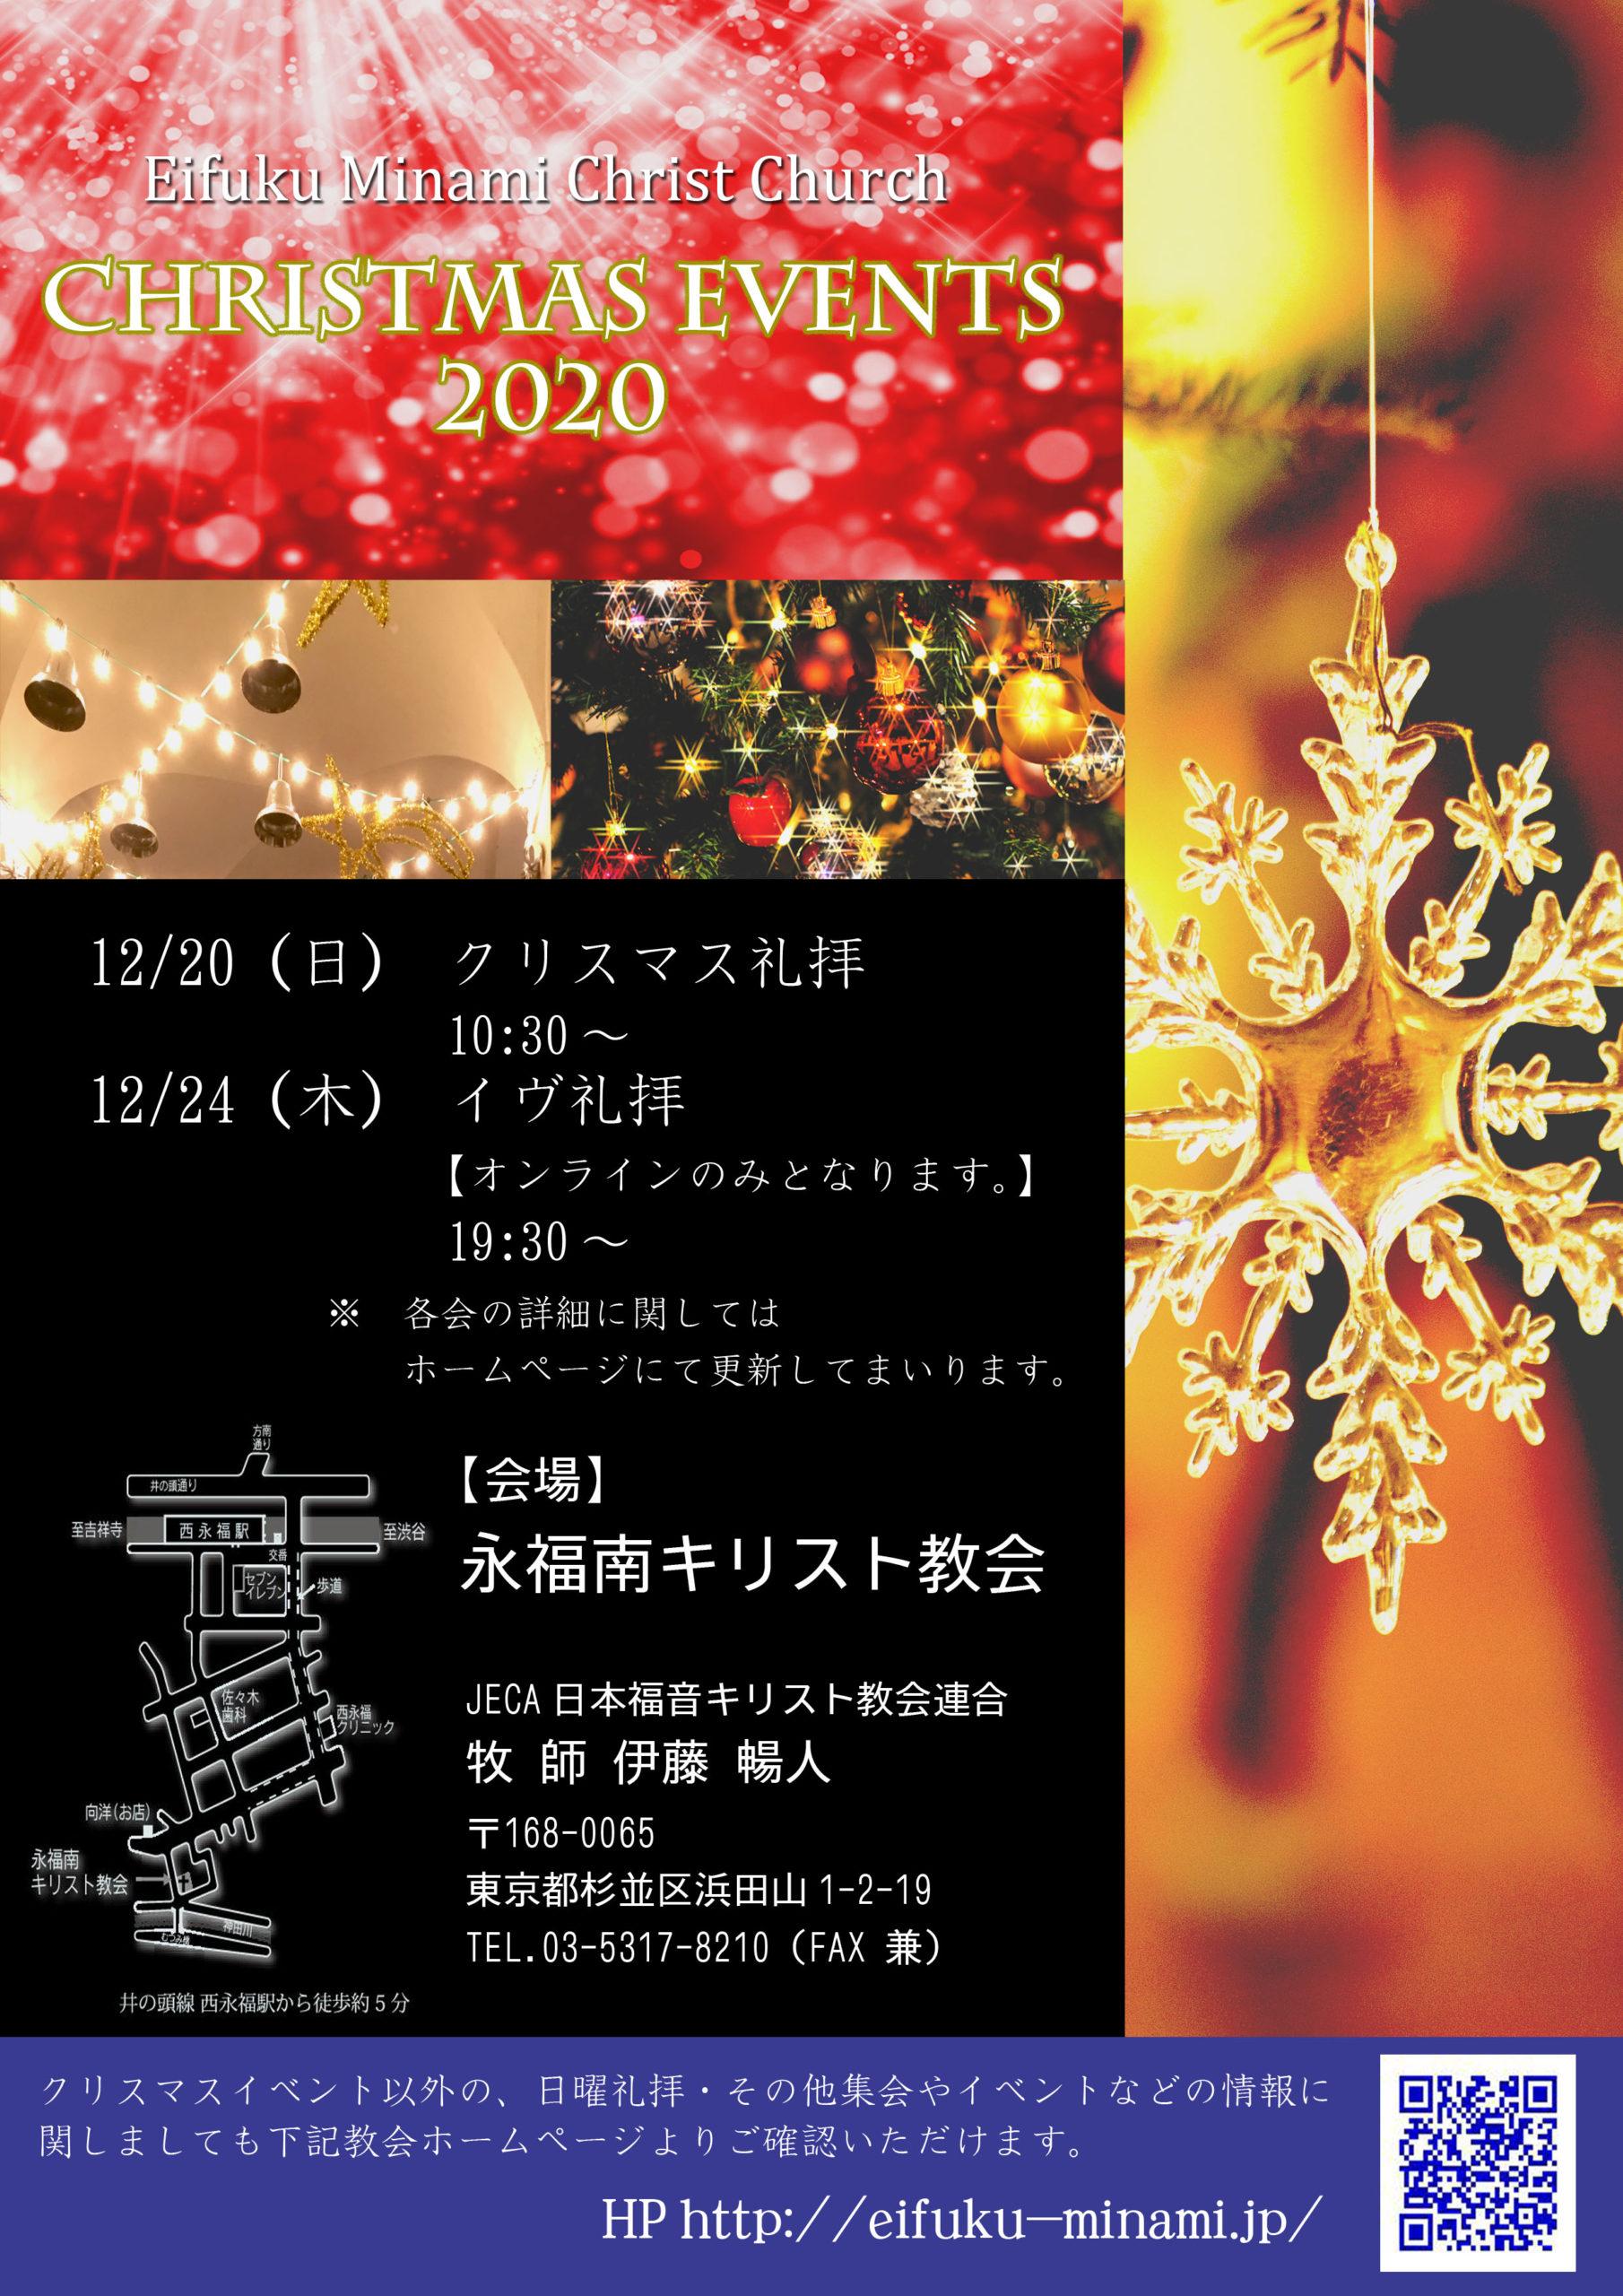 クリスマスイベント 2020